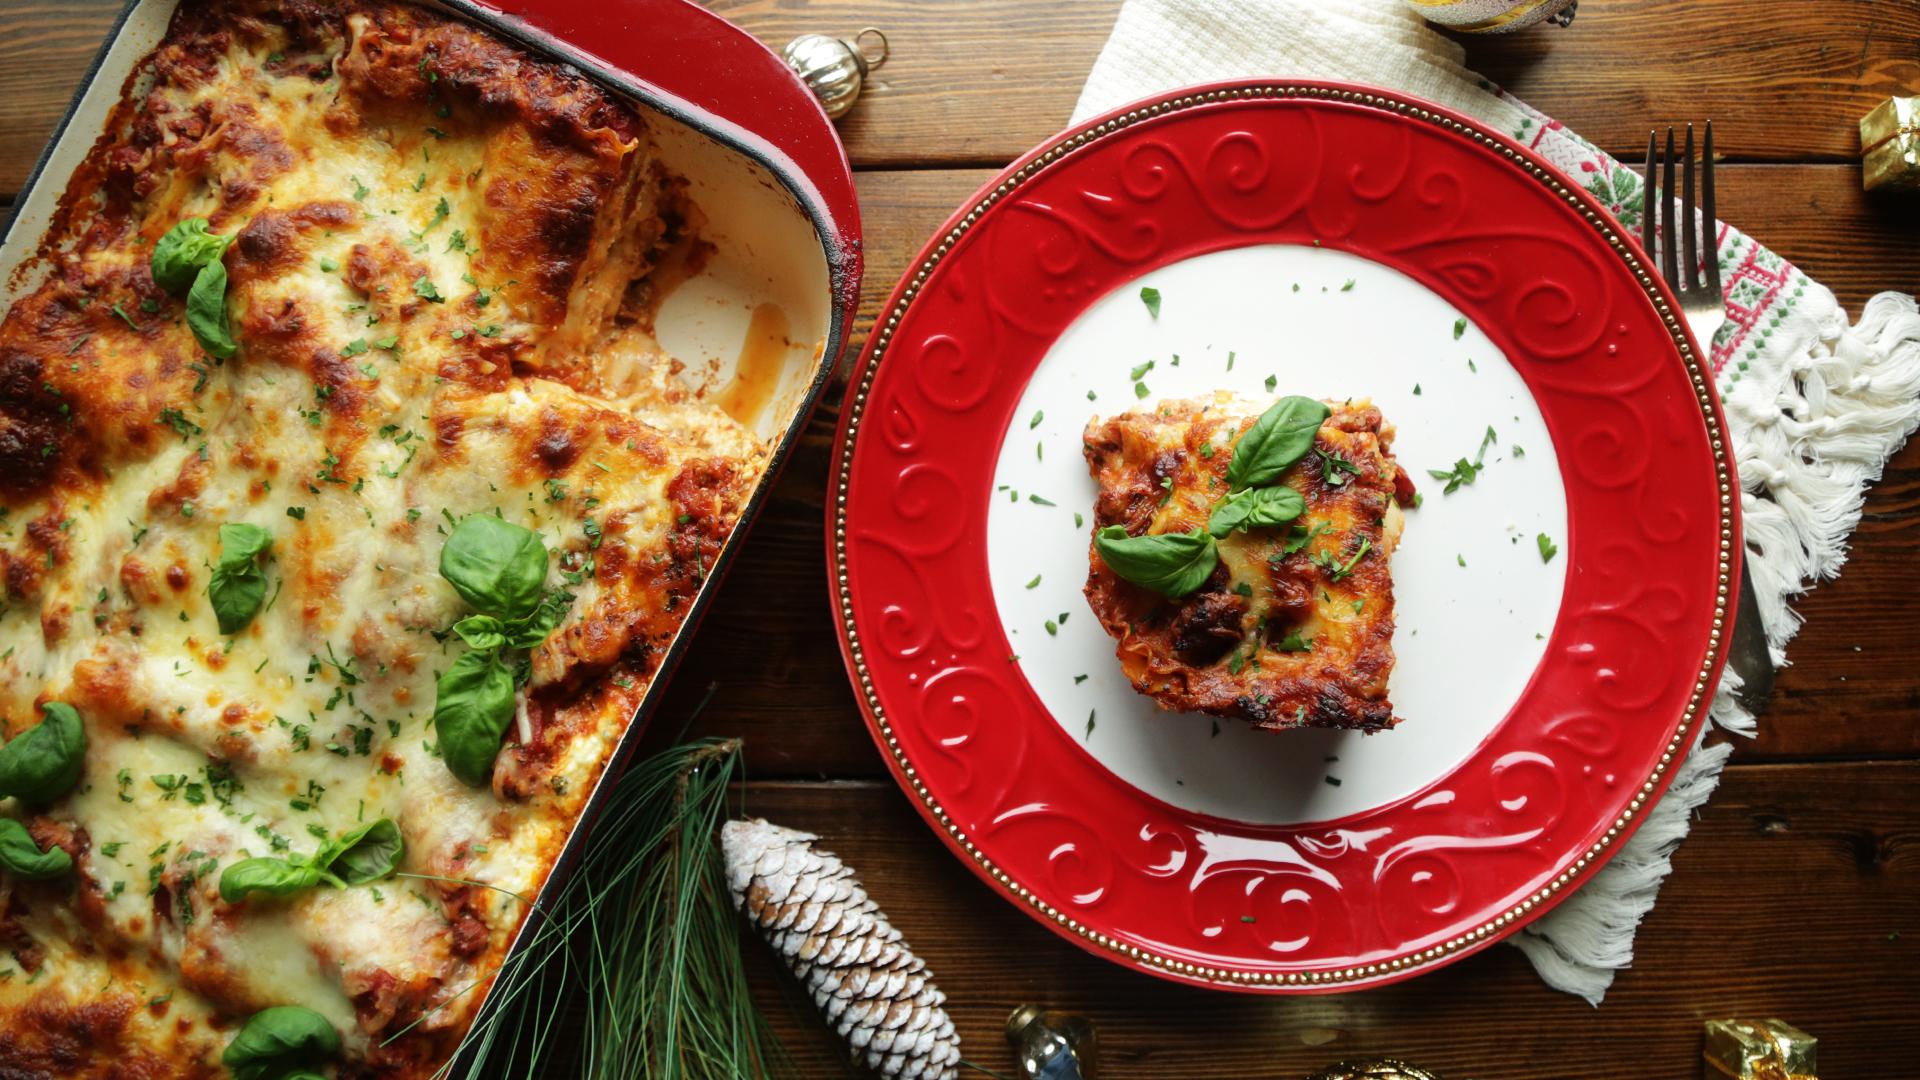 Lasagna Video Still Image 2